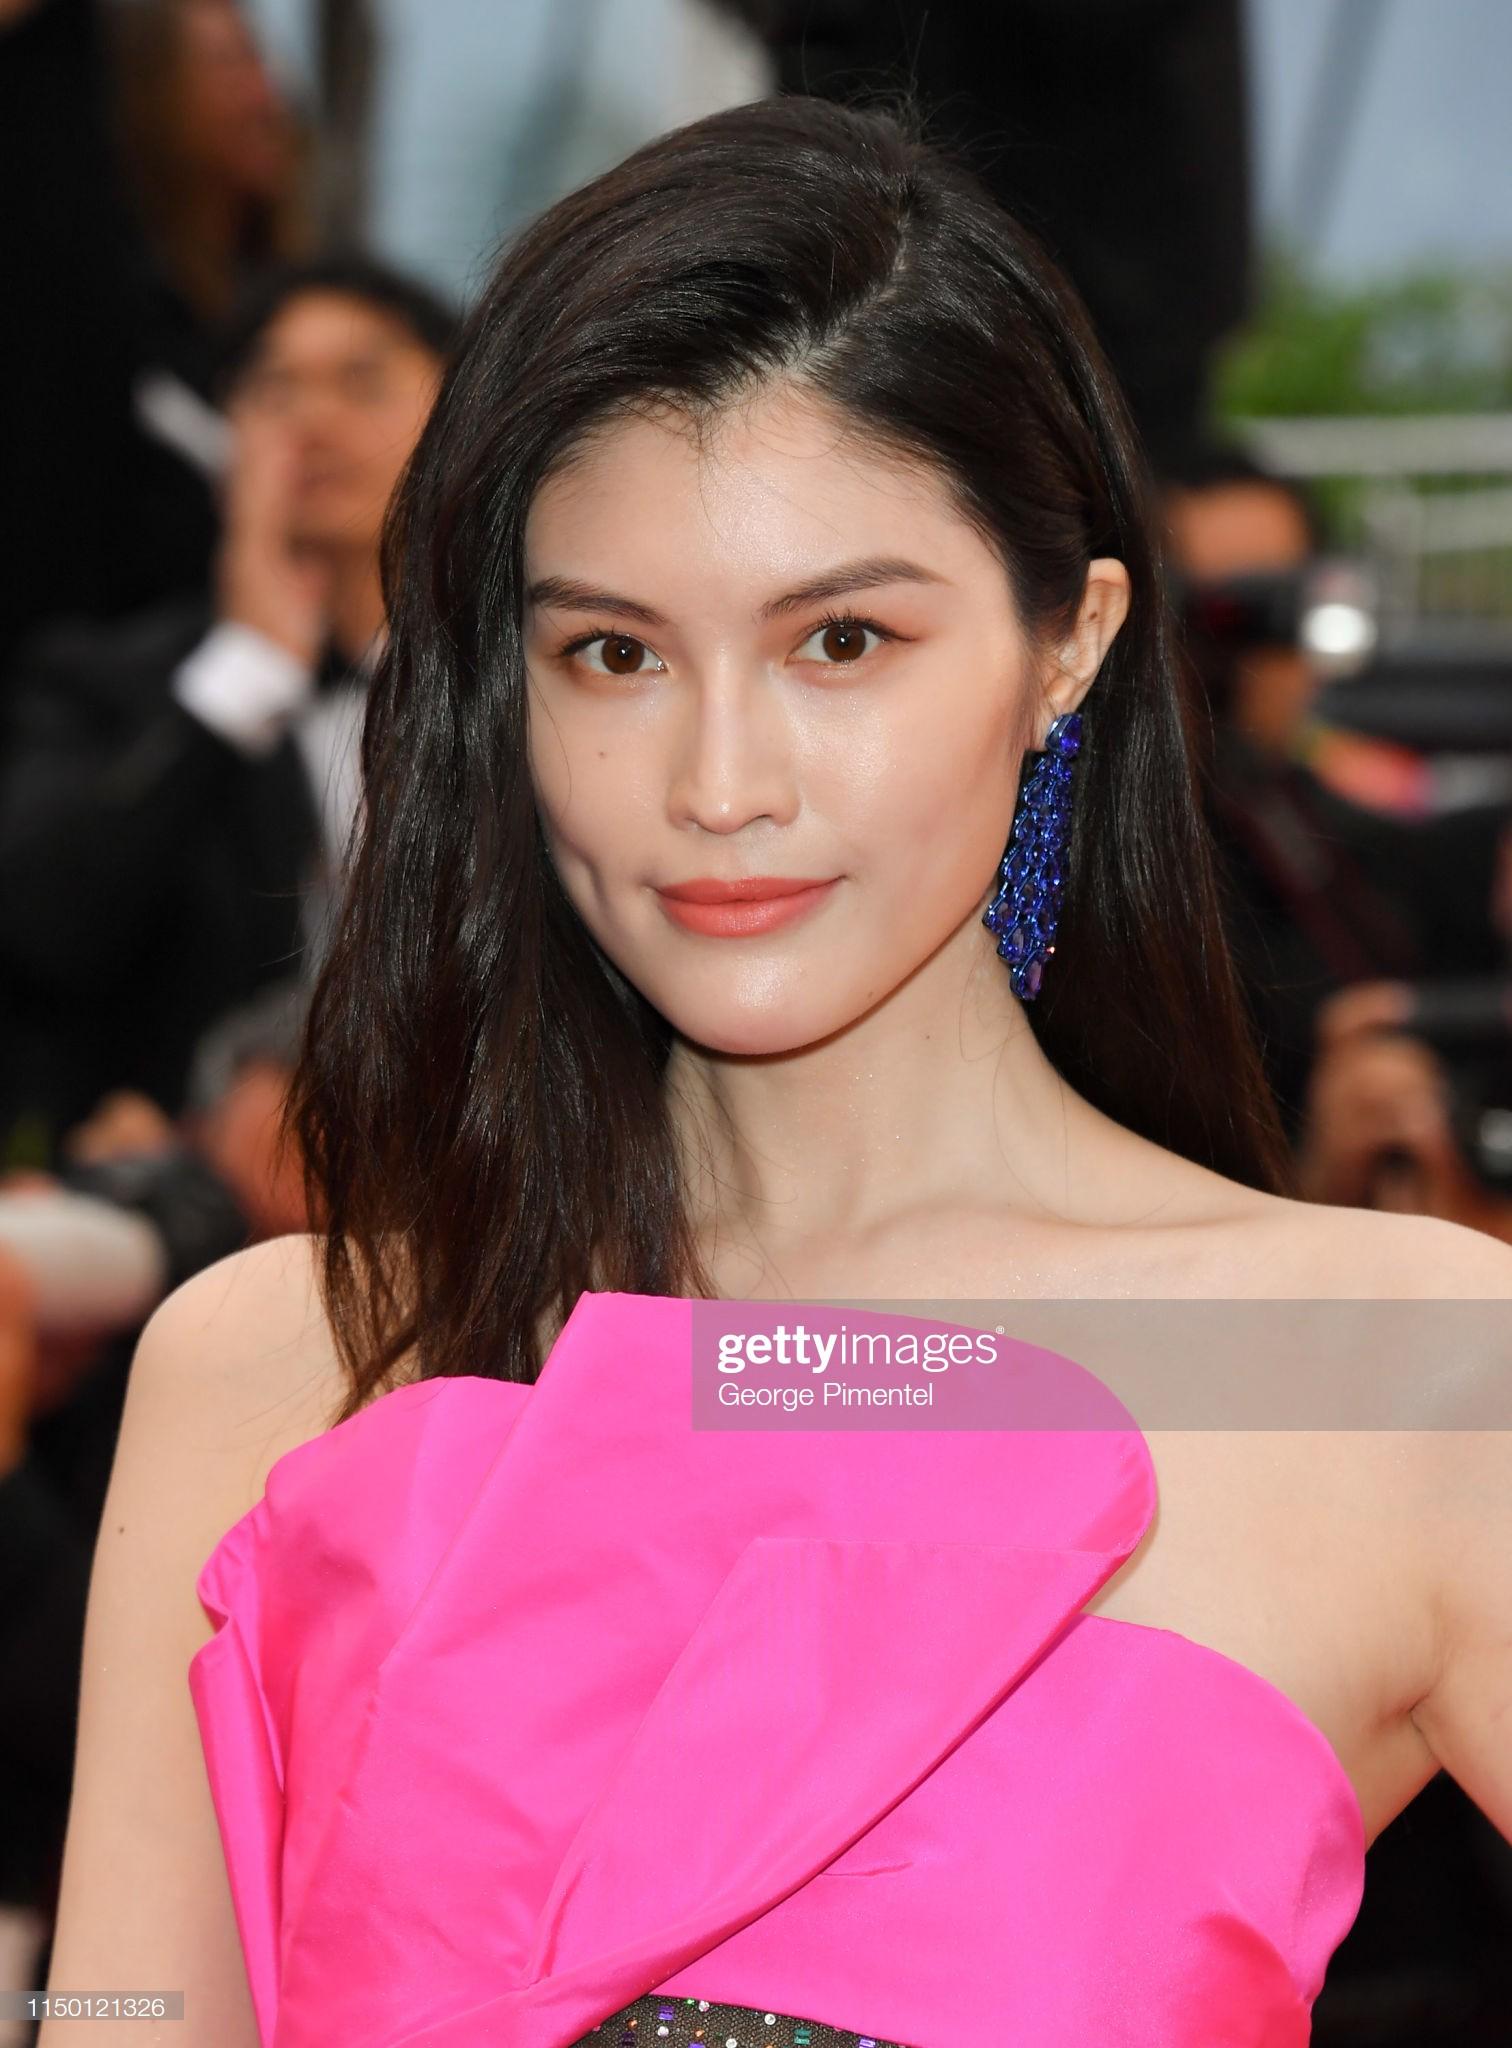 2 thái cực của 2 chân dài Victorias Secret Trung Quốc tại Cannes: Ming Xi như công chúa, Sui He phô phang đến bức người - Ảnh 9.